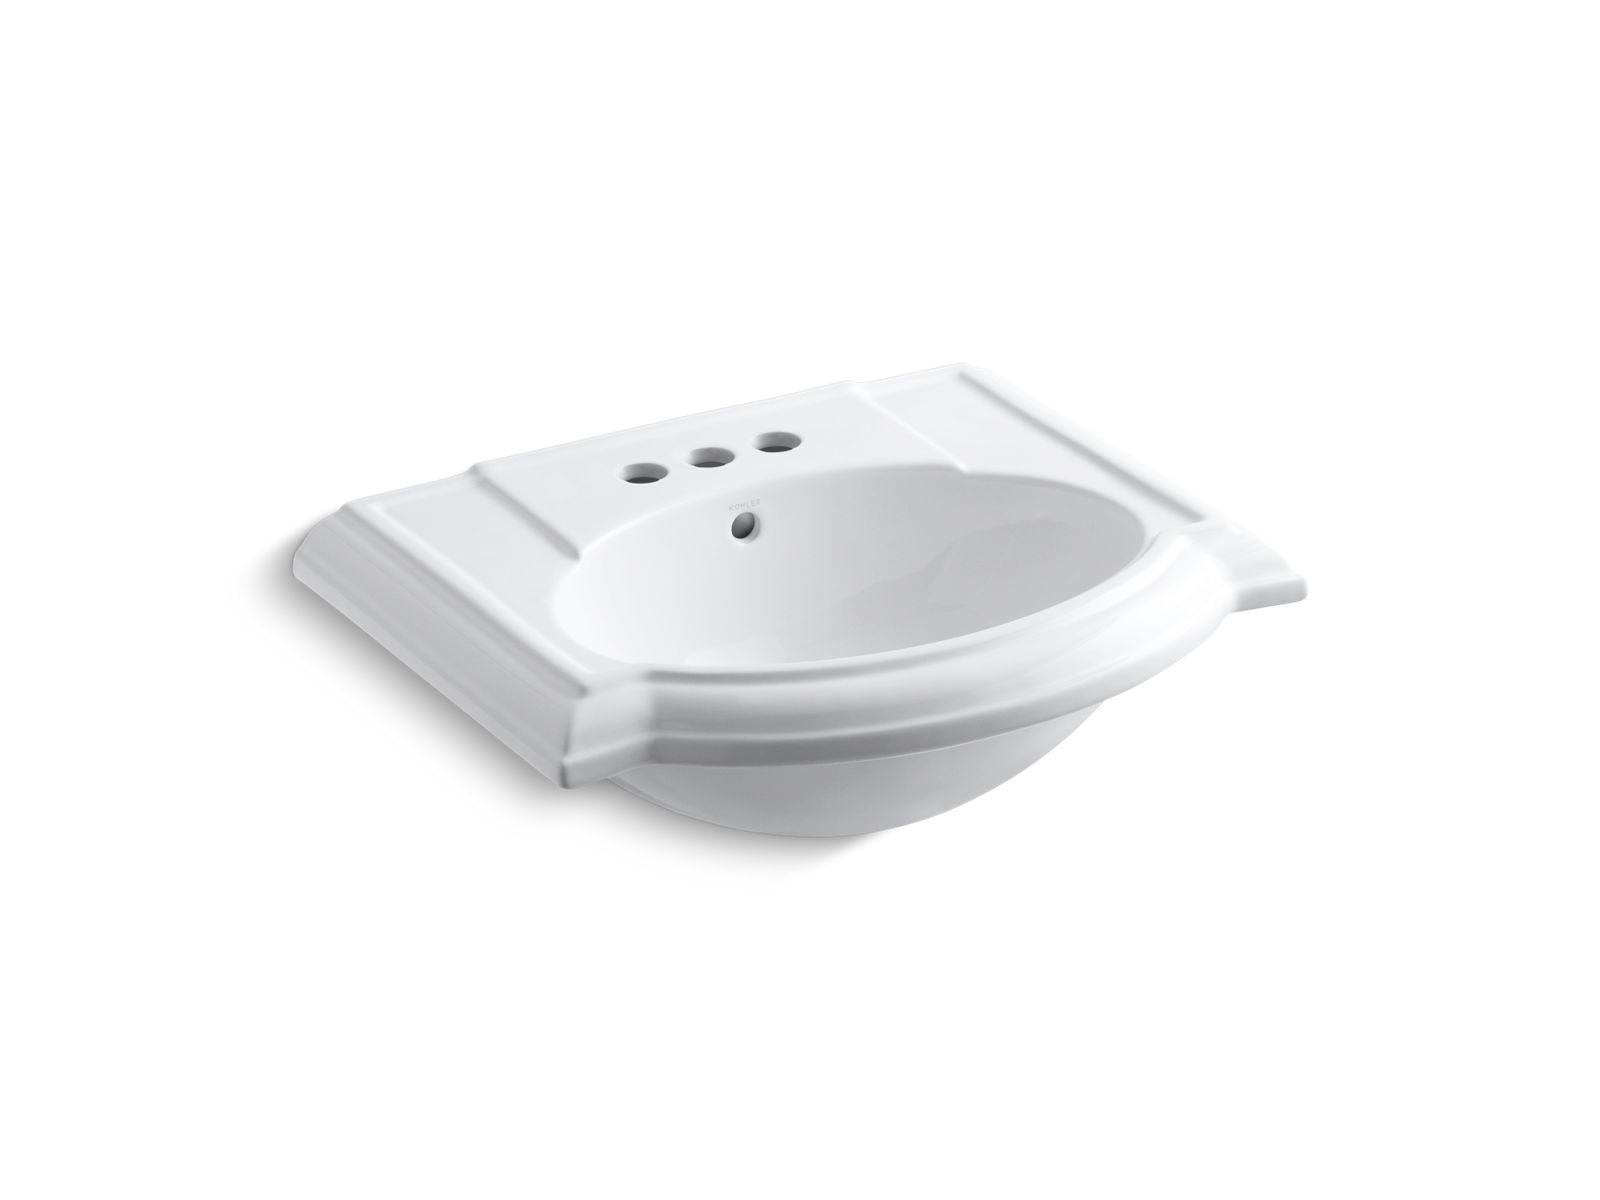 k 2287 4 devonshire sink basin with 4 inch centers kohler